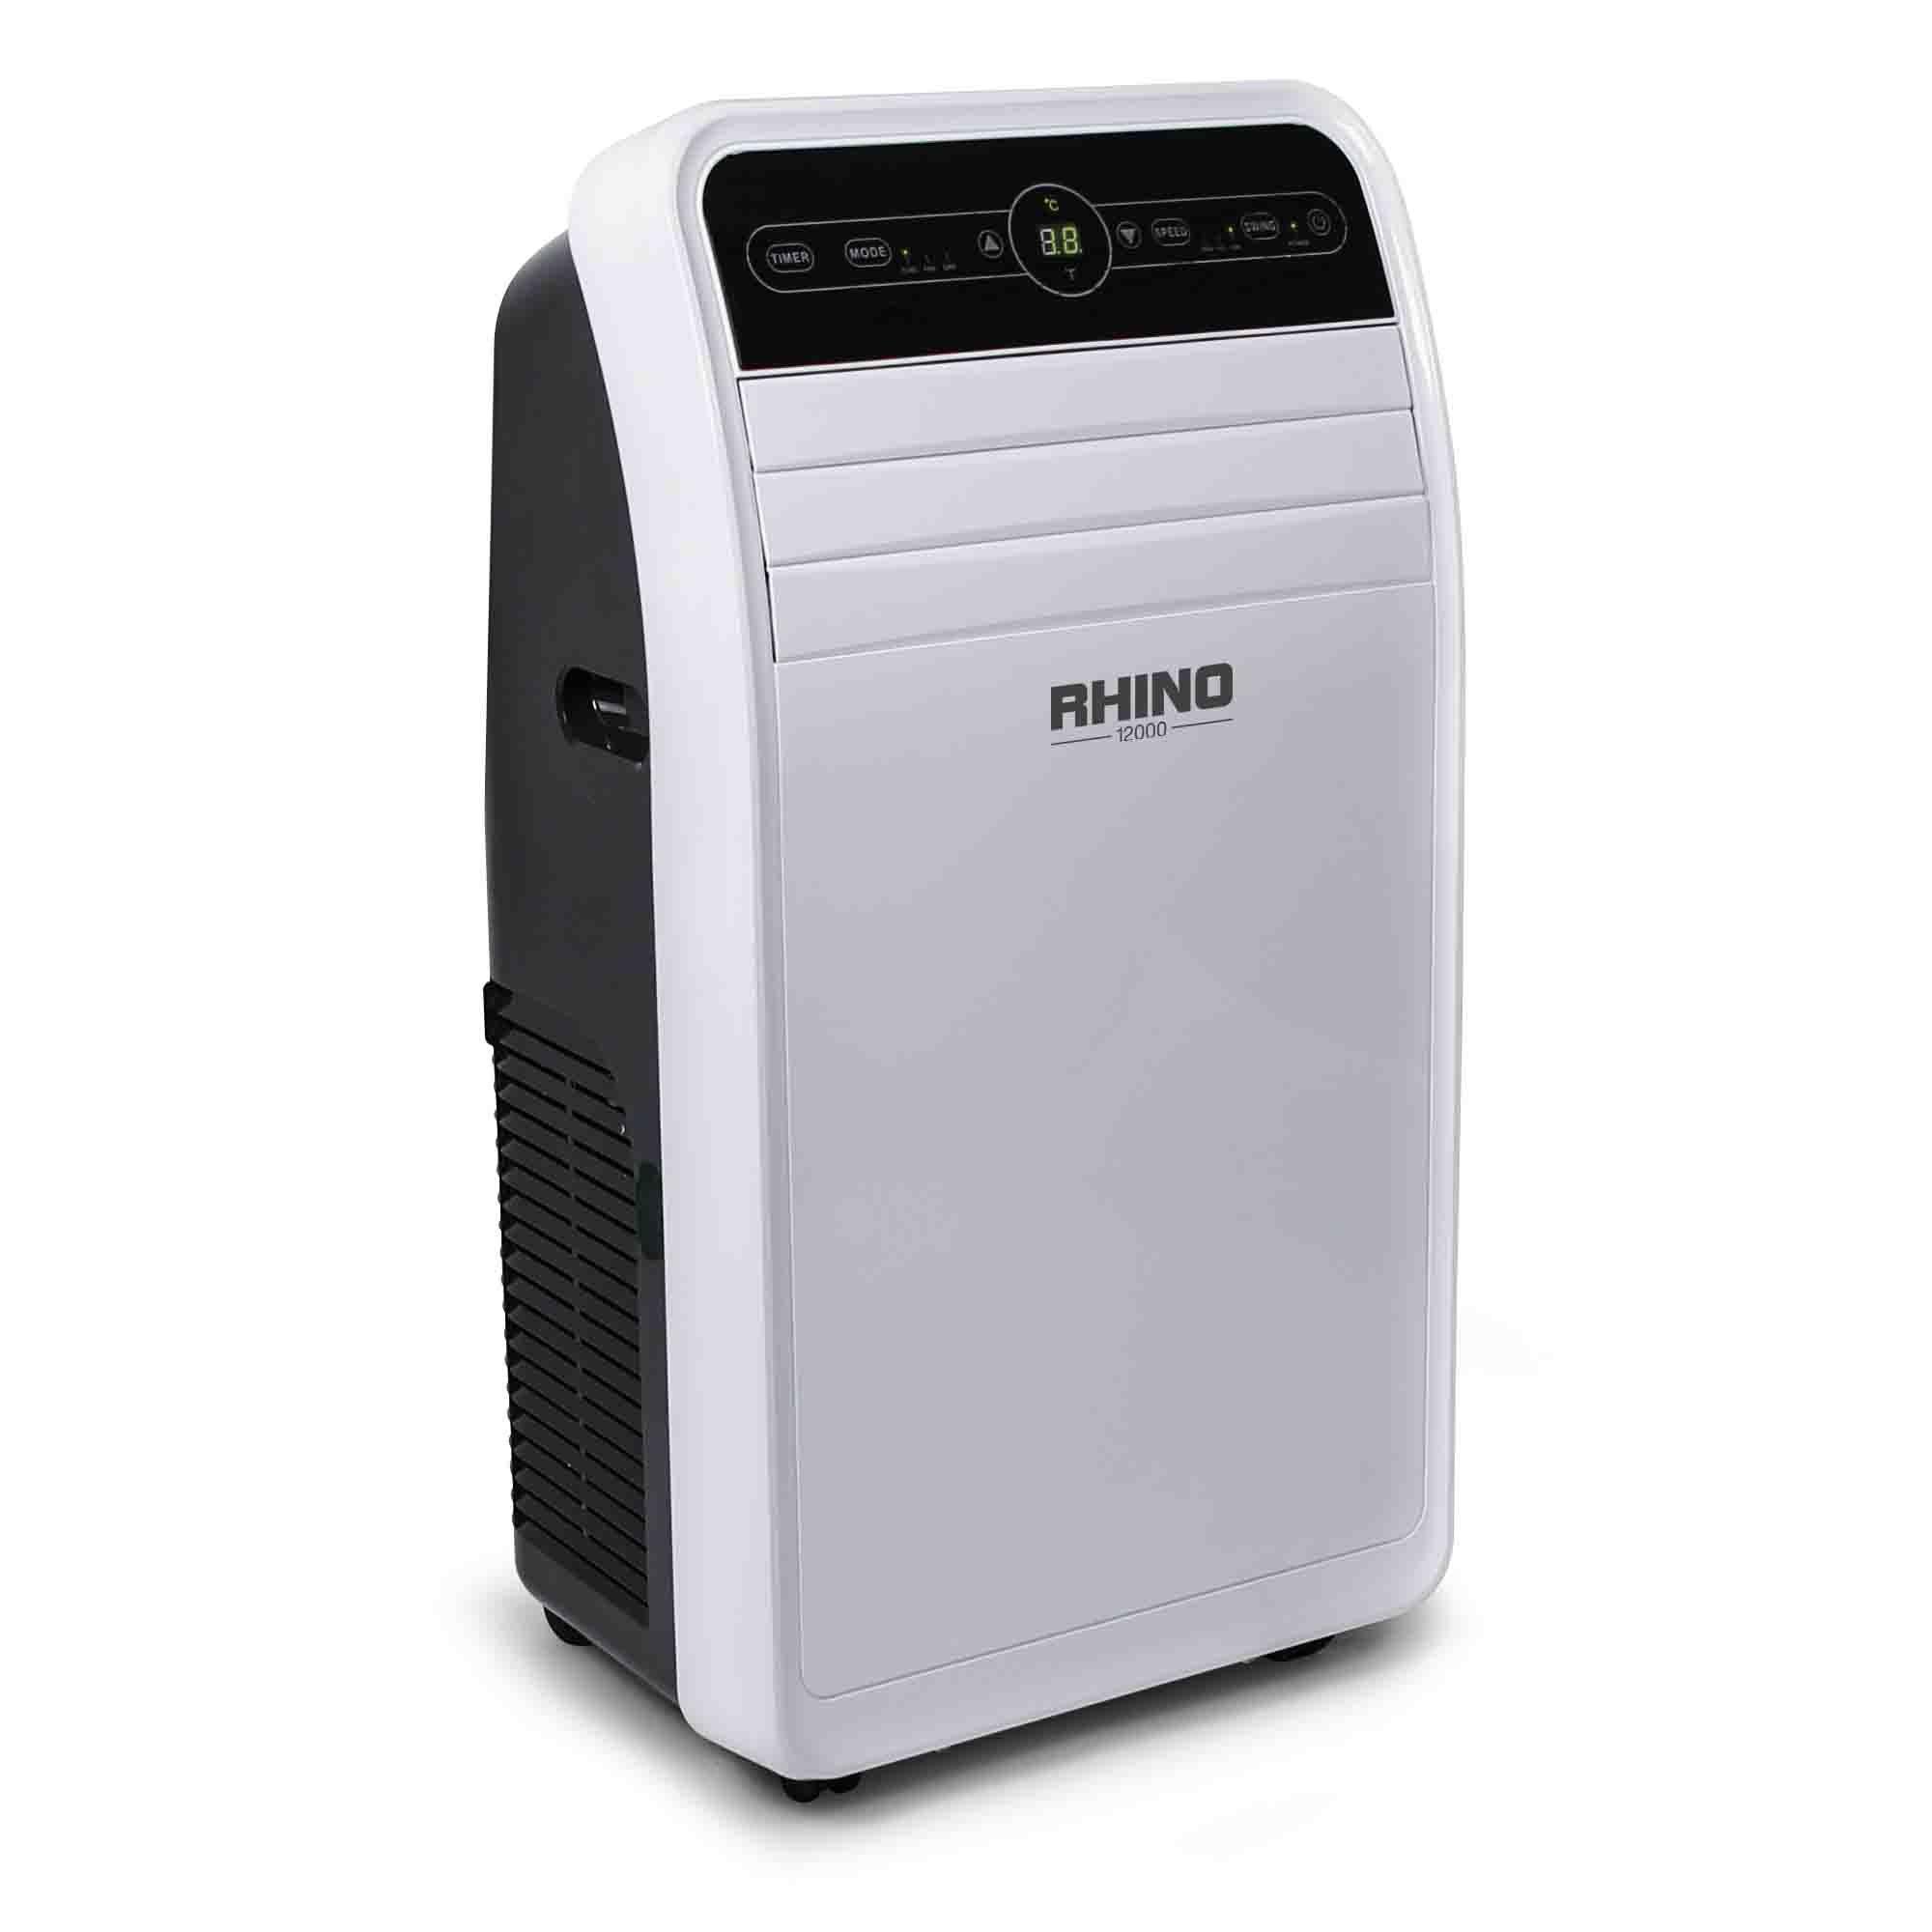 Rhino AC12000 Air Conditioner 12000 BTU